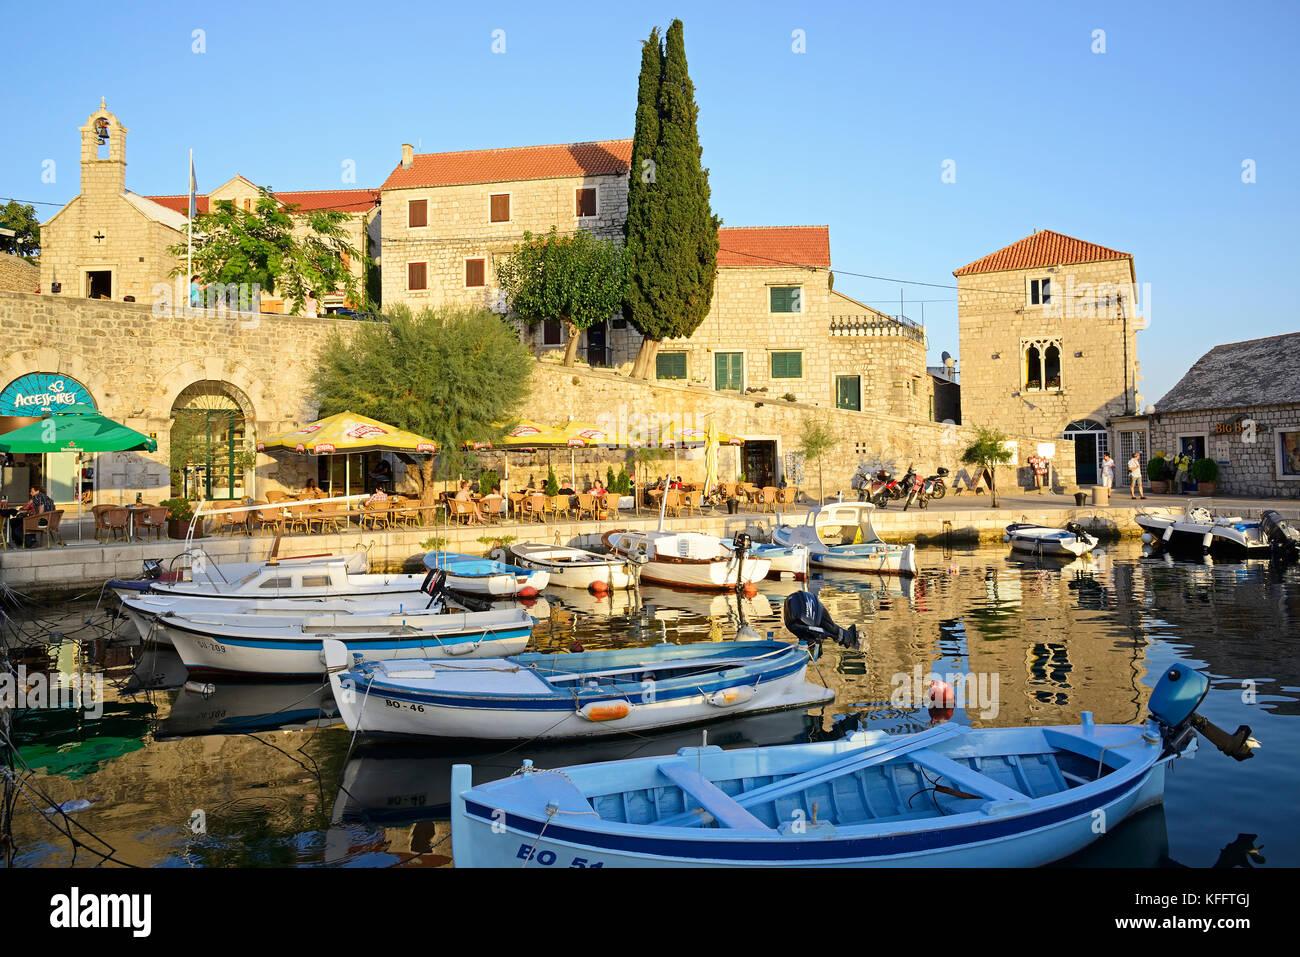 Petit port de plaisance de pêche du village bol sur l'île de Brac, mer Adriatique, mer méditerranée, Photo Stock